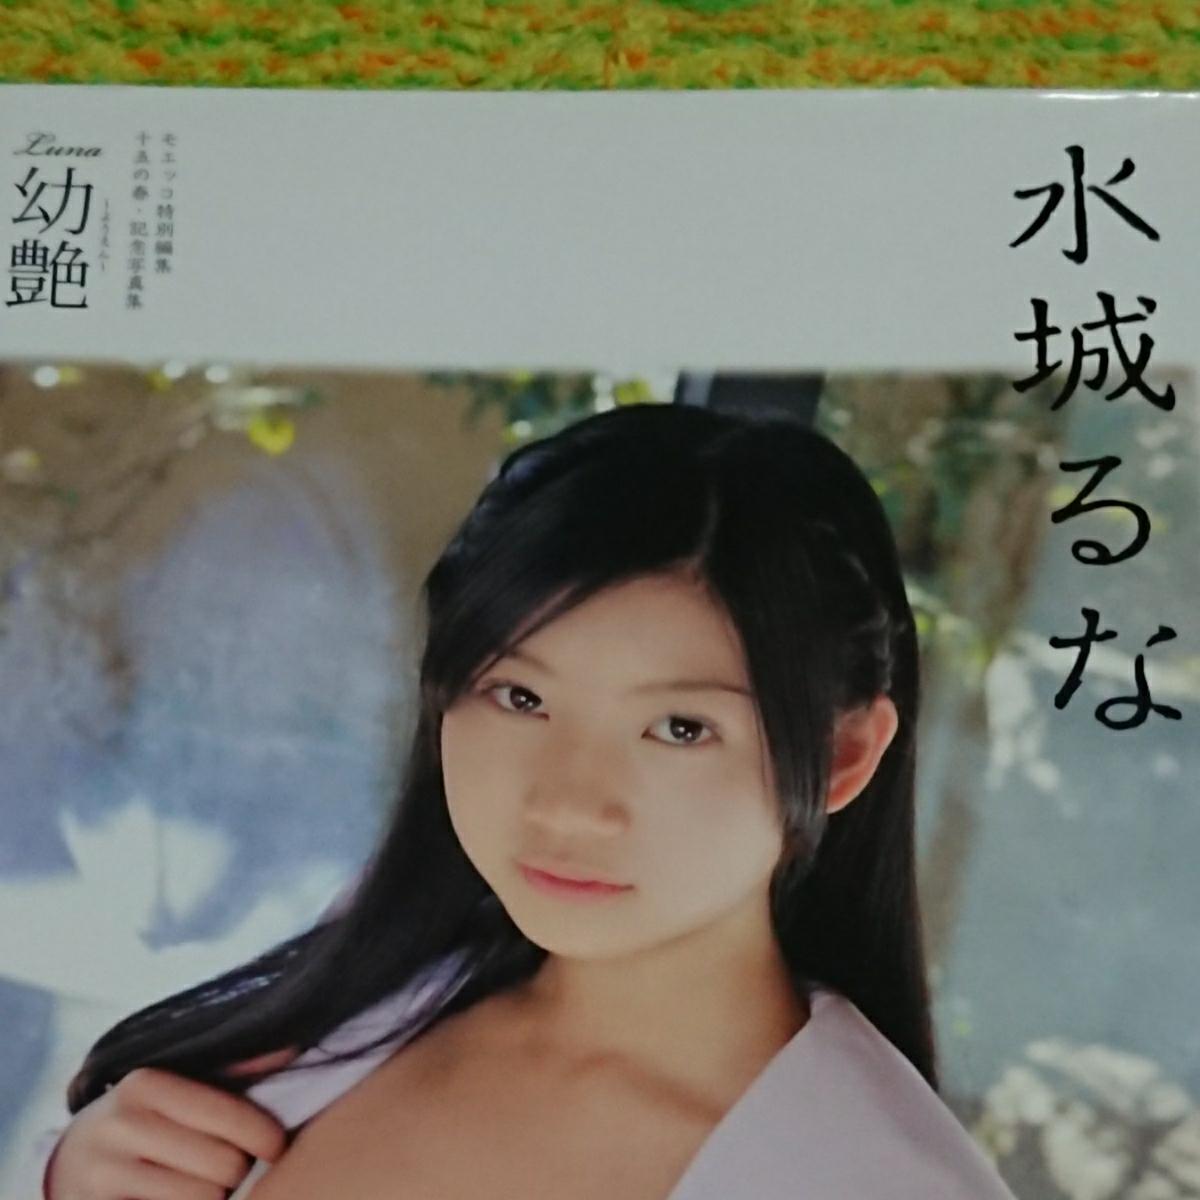 水城るな 写真集『幼艶 ~ようえん~』★2013年発行